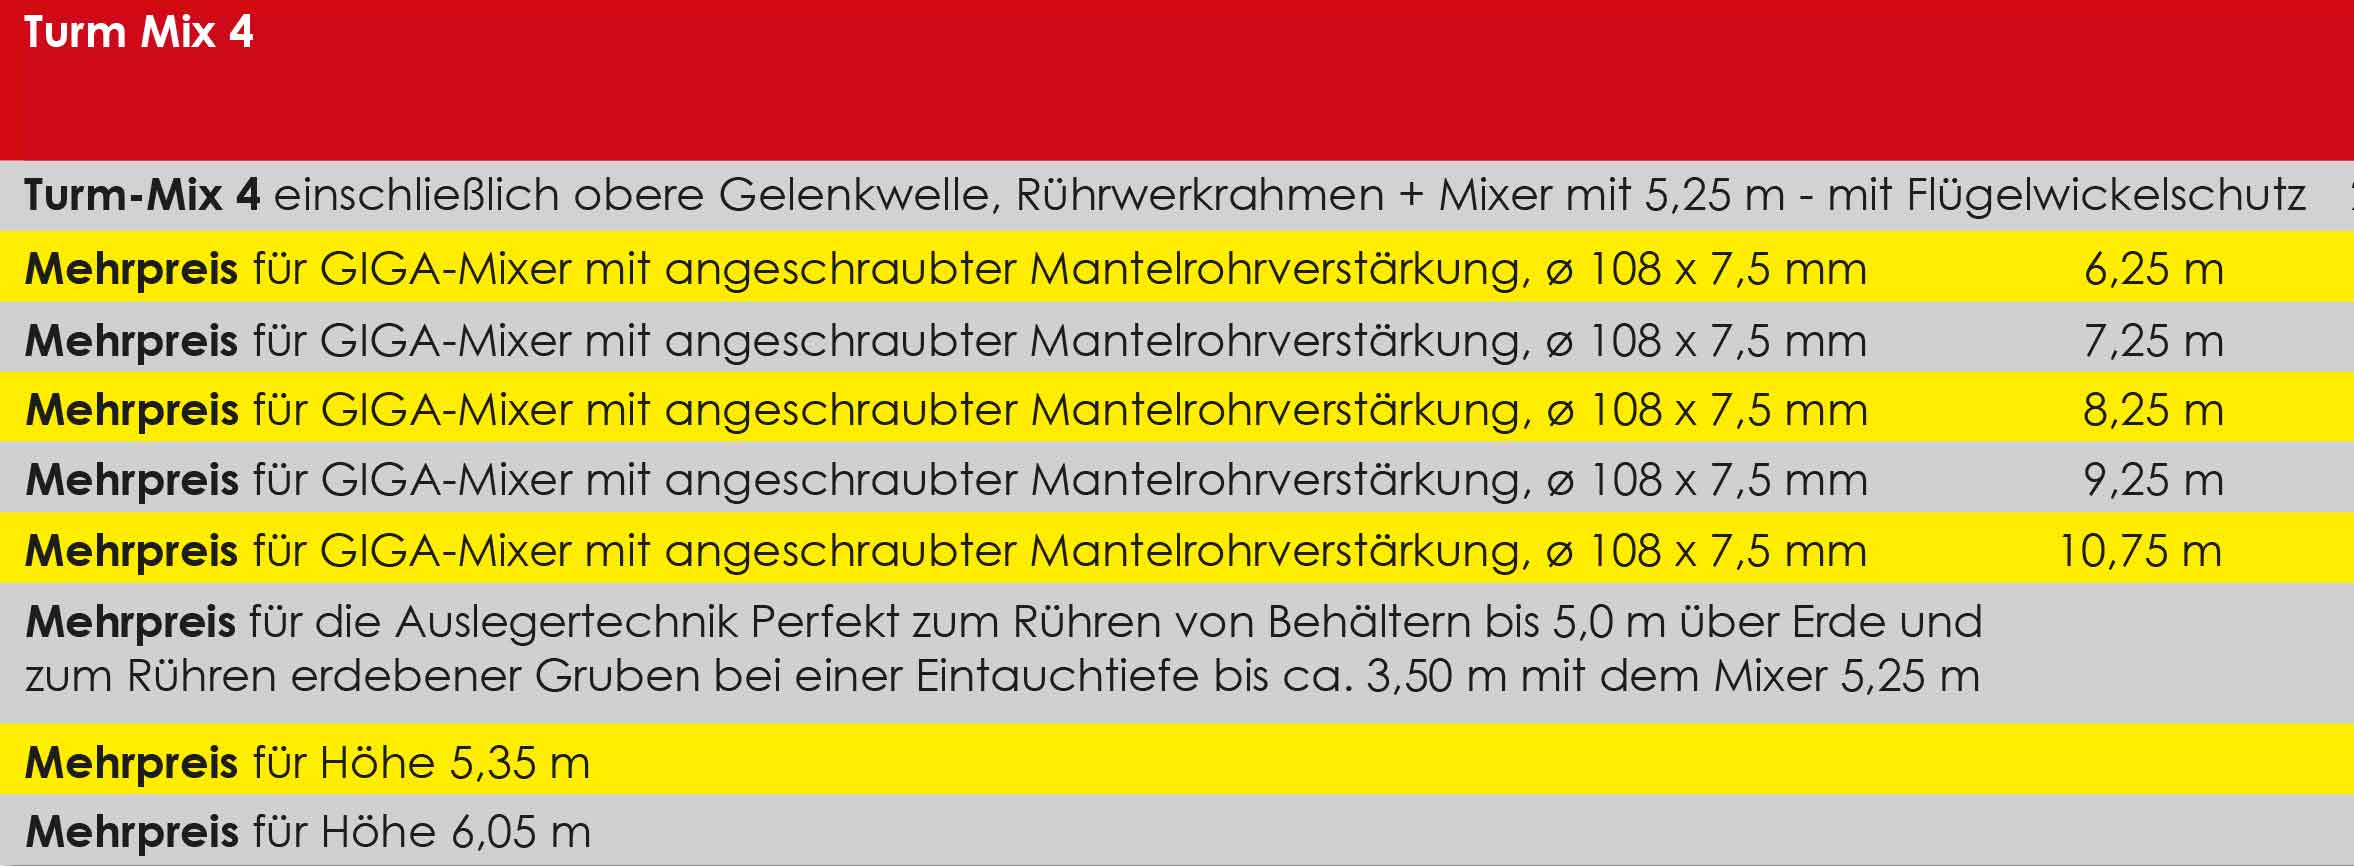 Turm_Mix_4